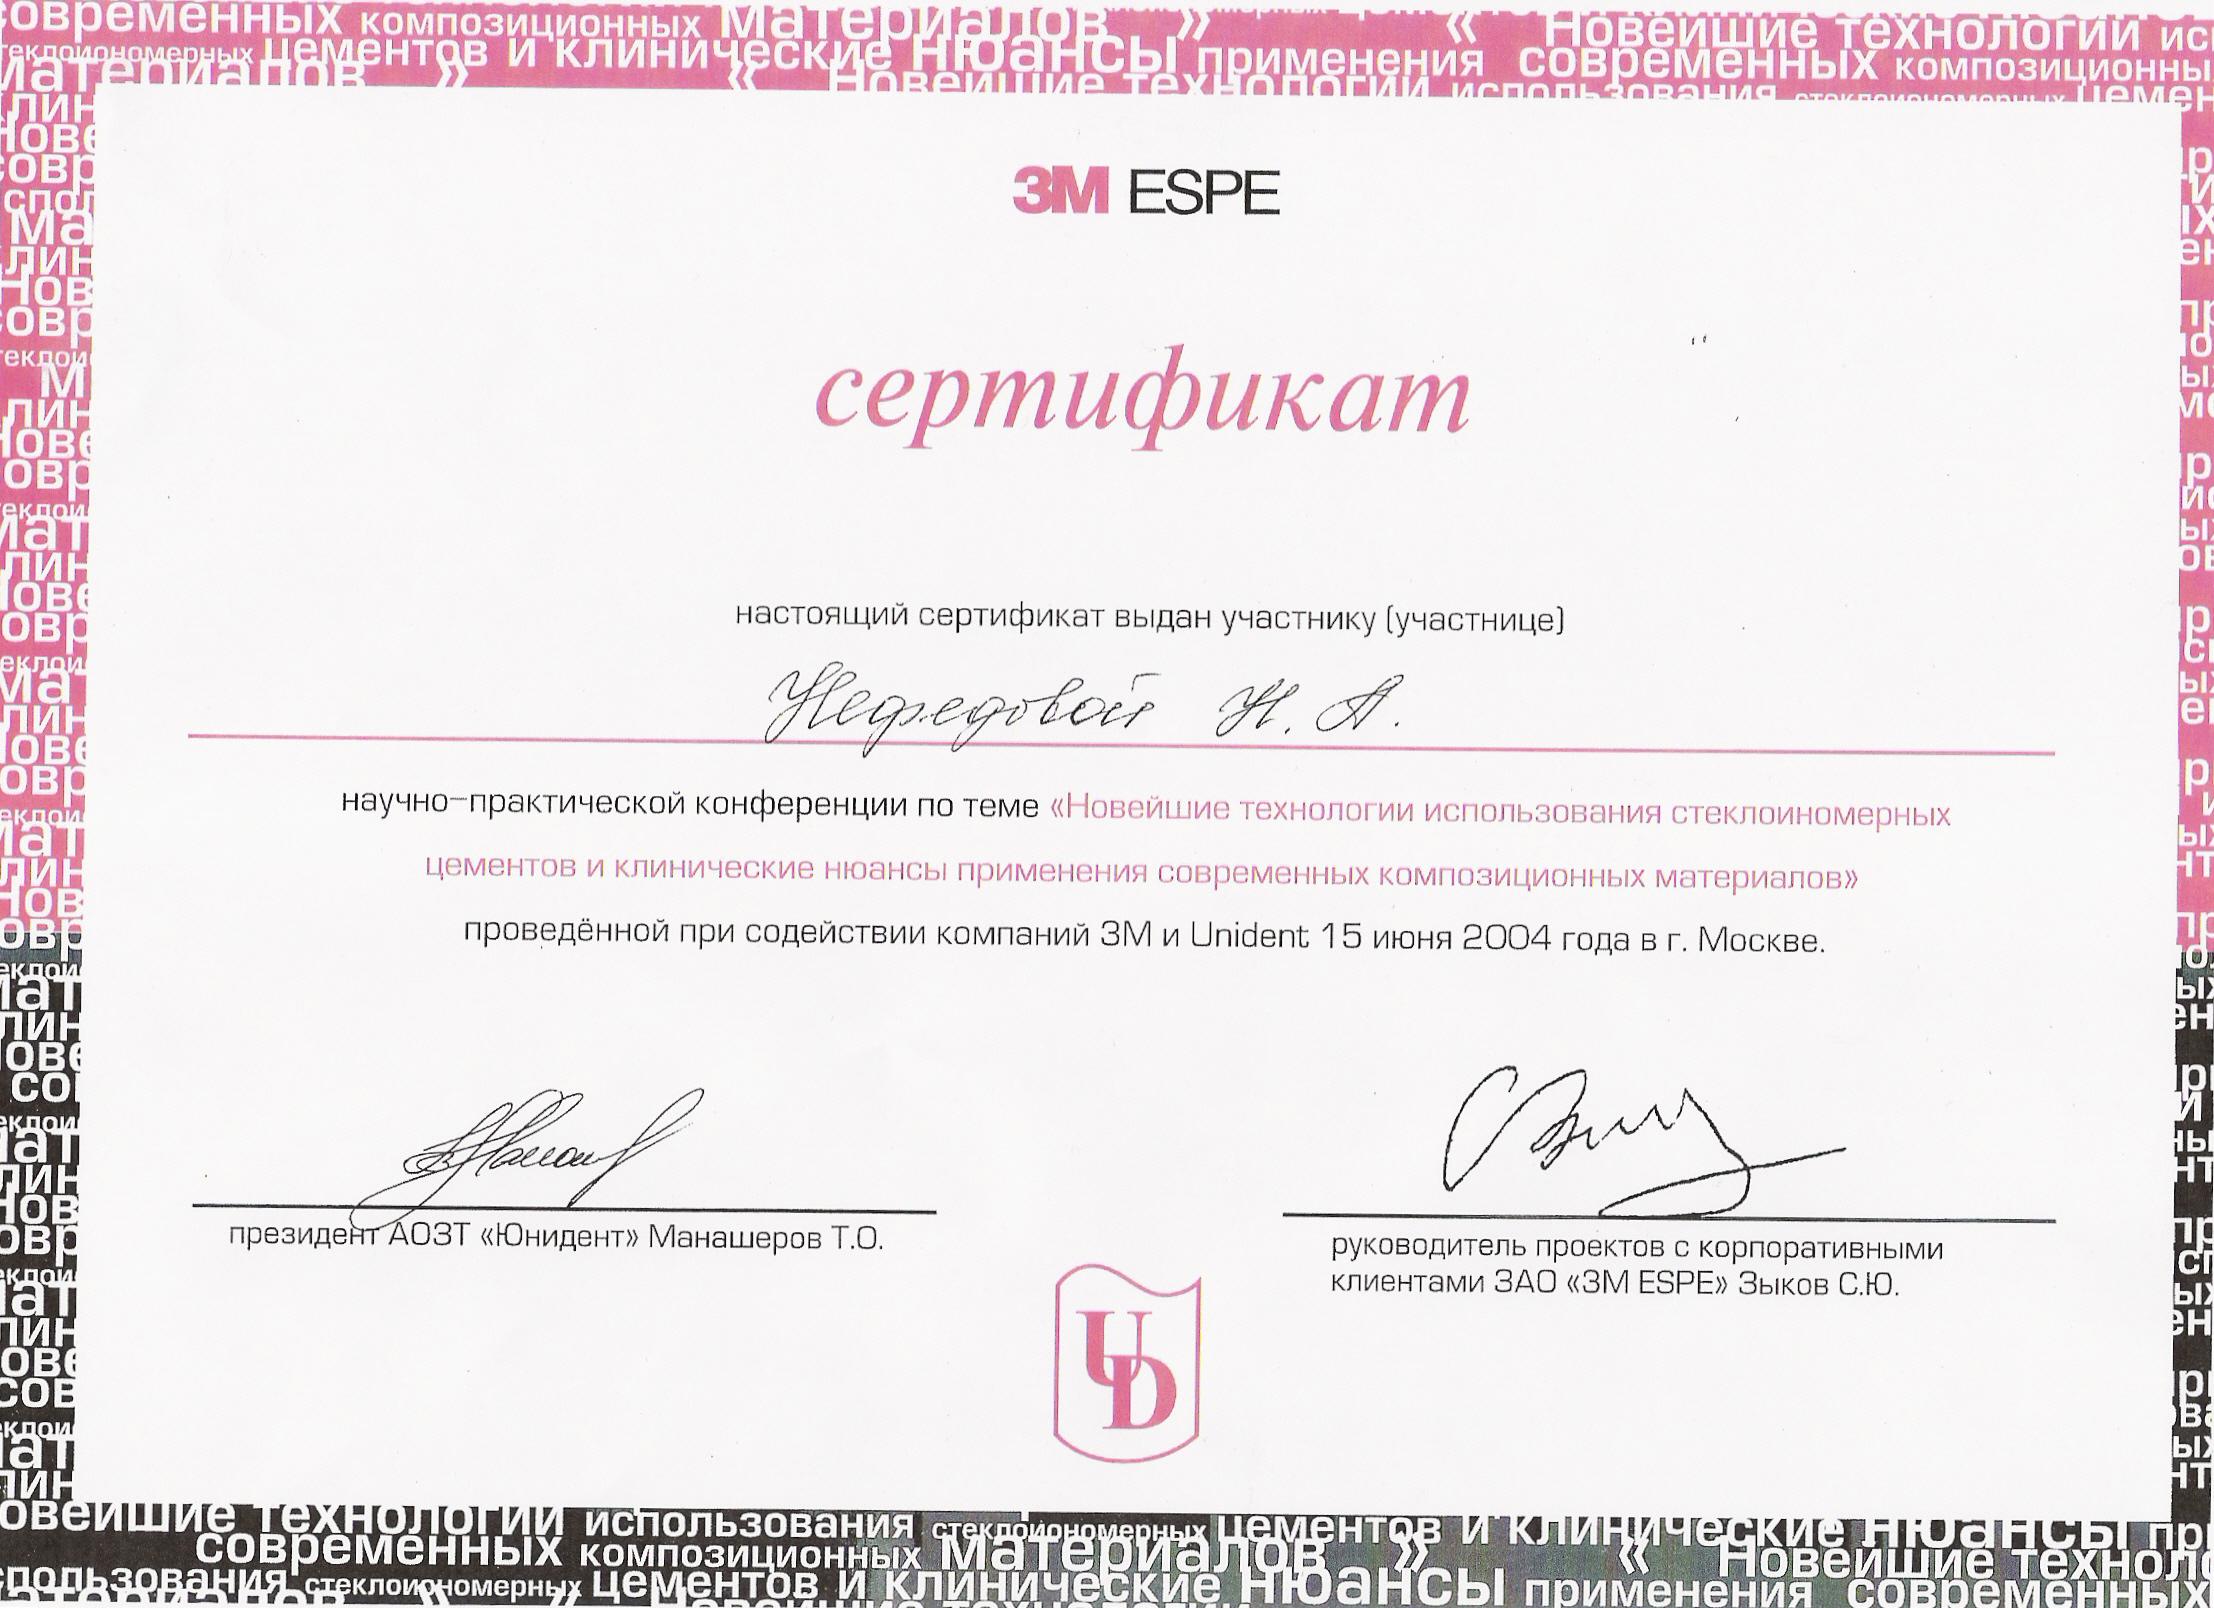 Нефедова_сертификат_3